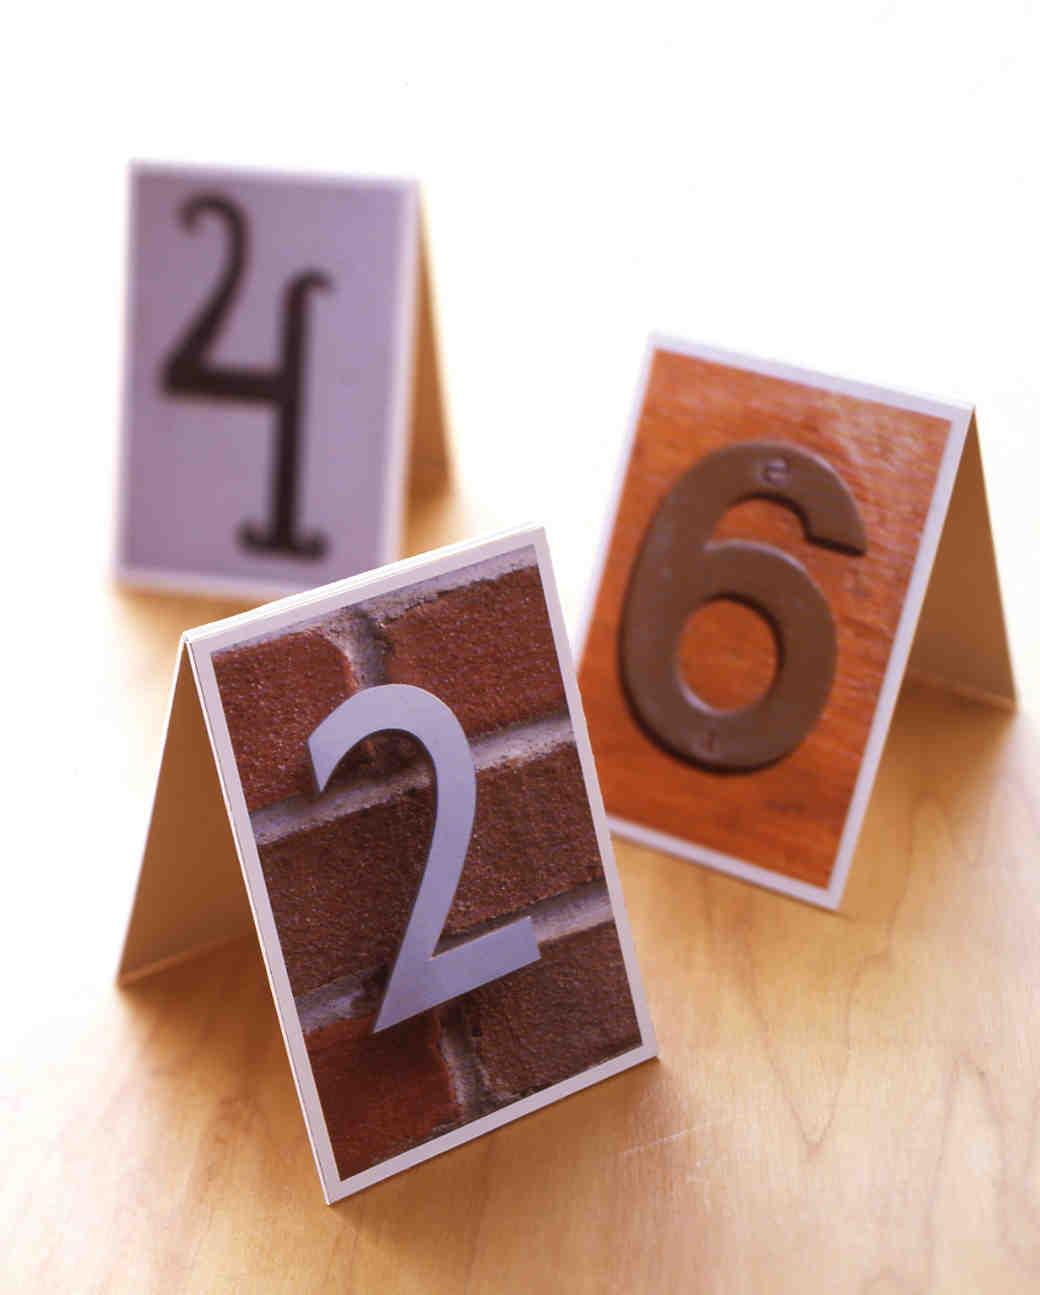 diy-table-numbers-around-town-f06-0715.jpg